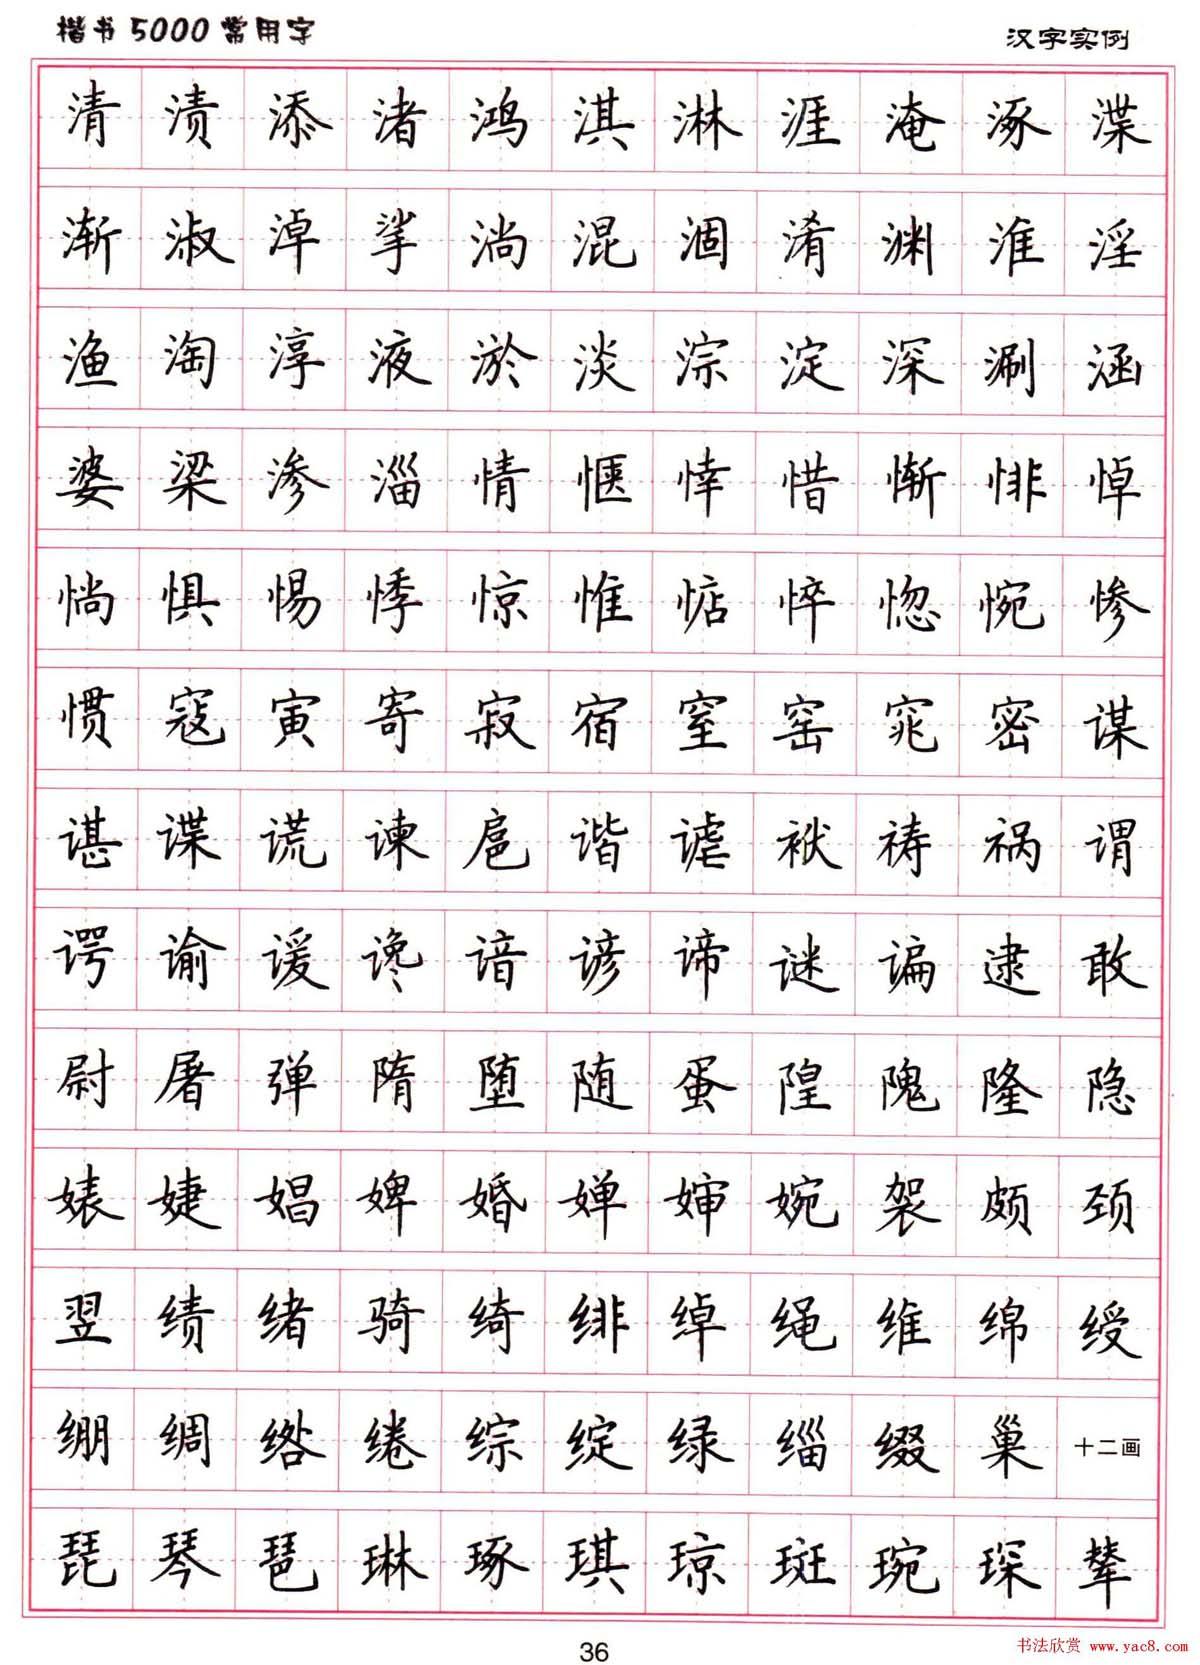 硬笔书法字帖封面 硬笔书法练字字帖 a4硬笔书法作品欣赏